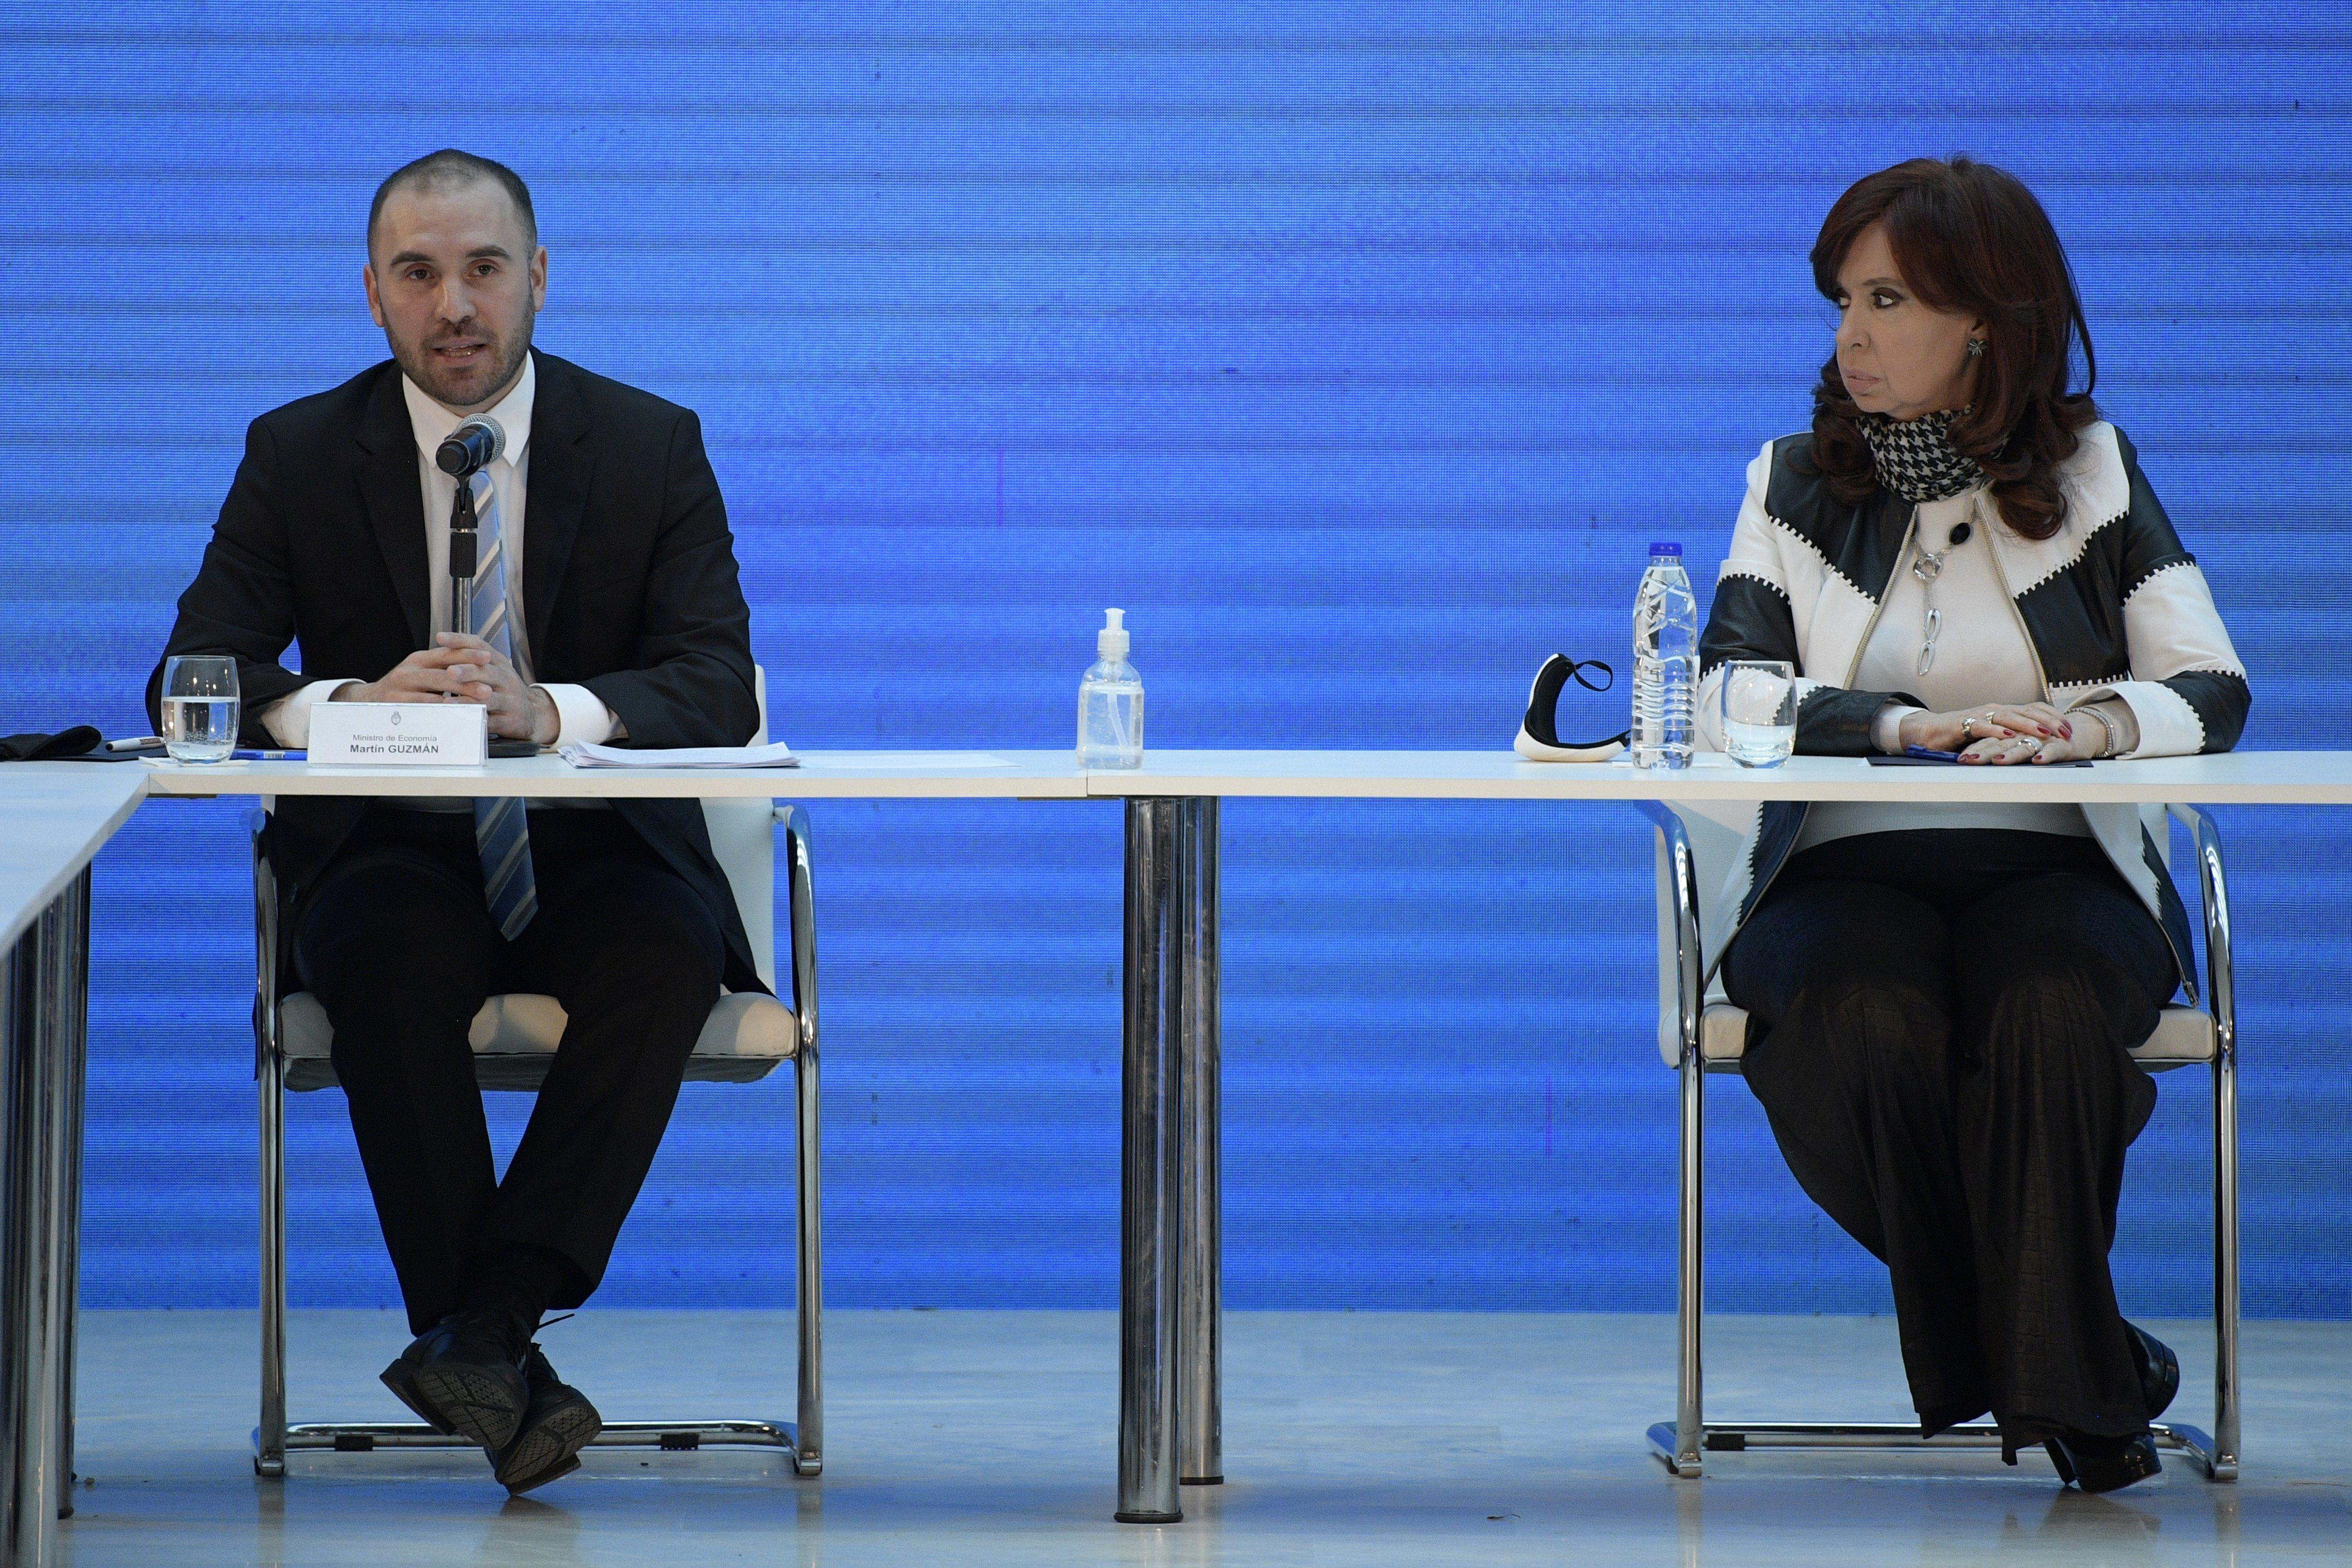 El ministro de Economía Martín Guzmán y Cristina Kirchner